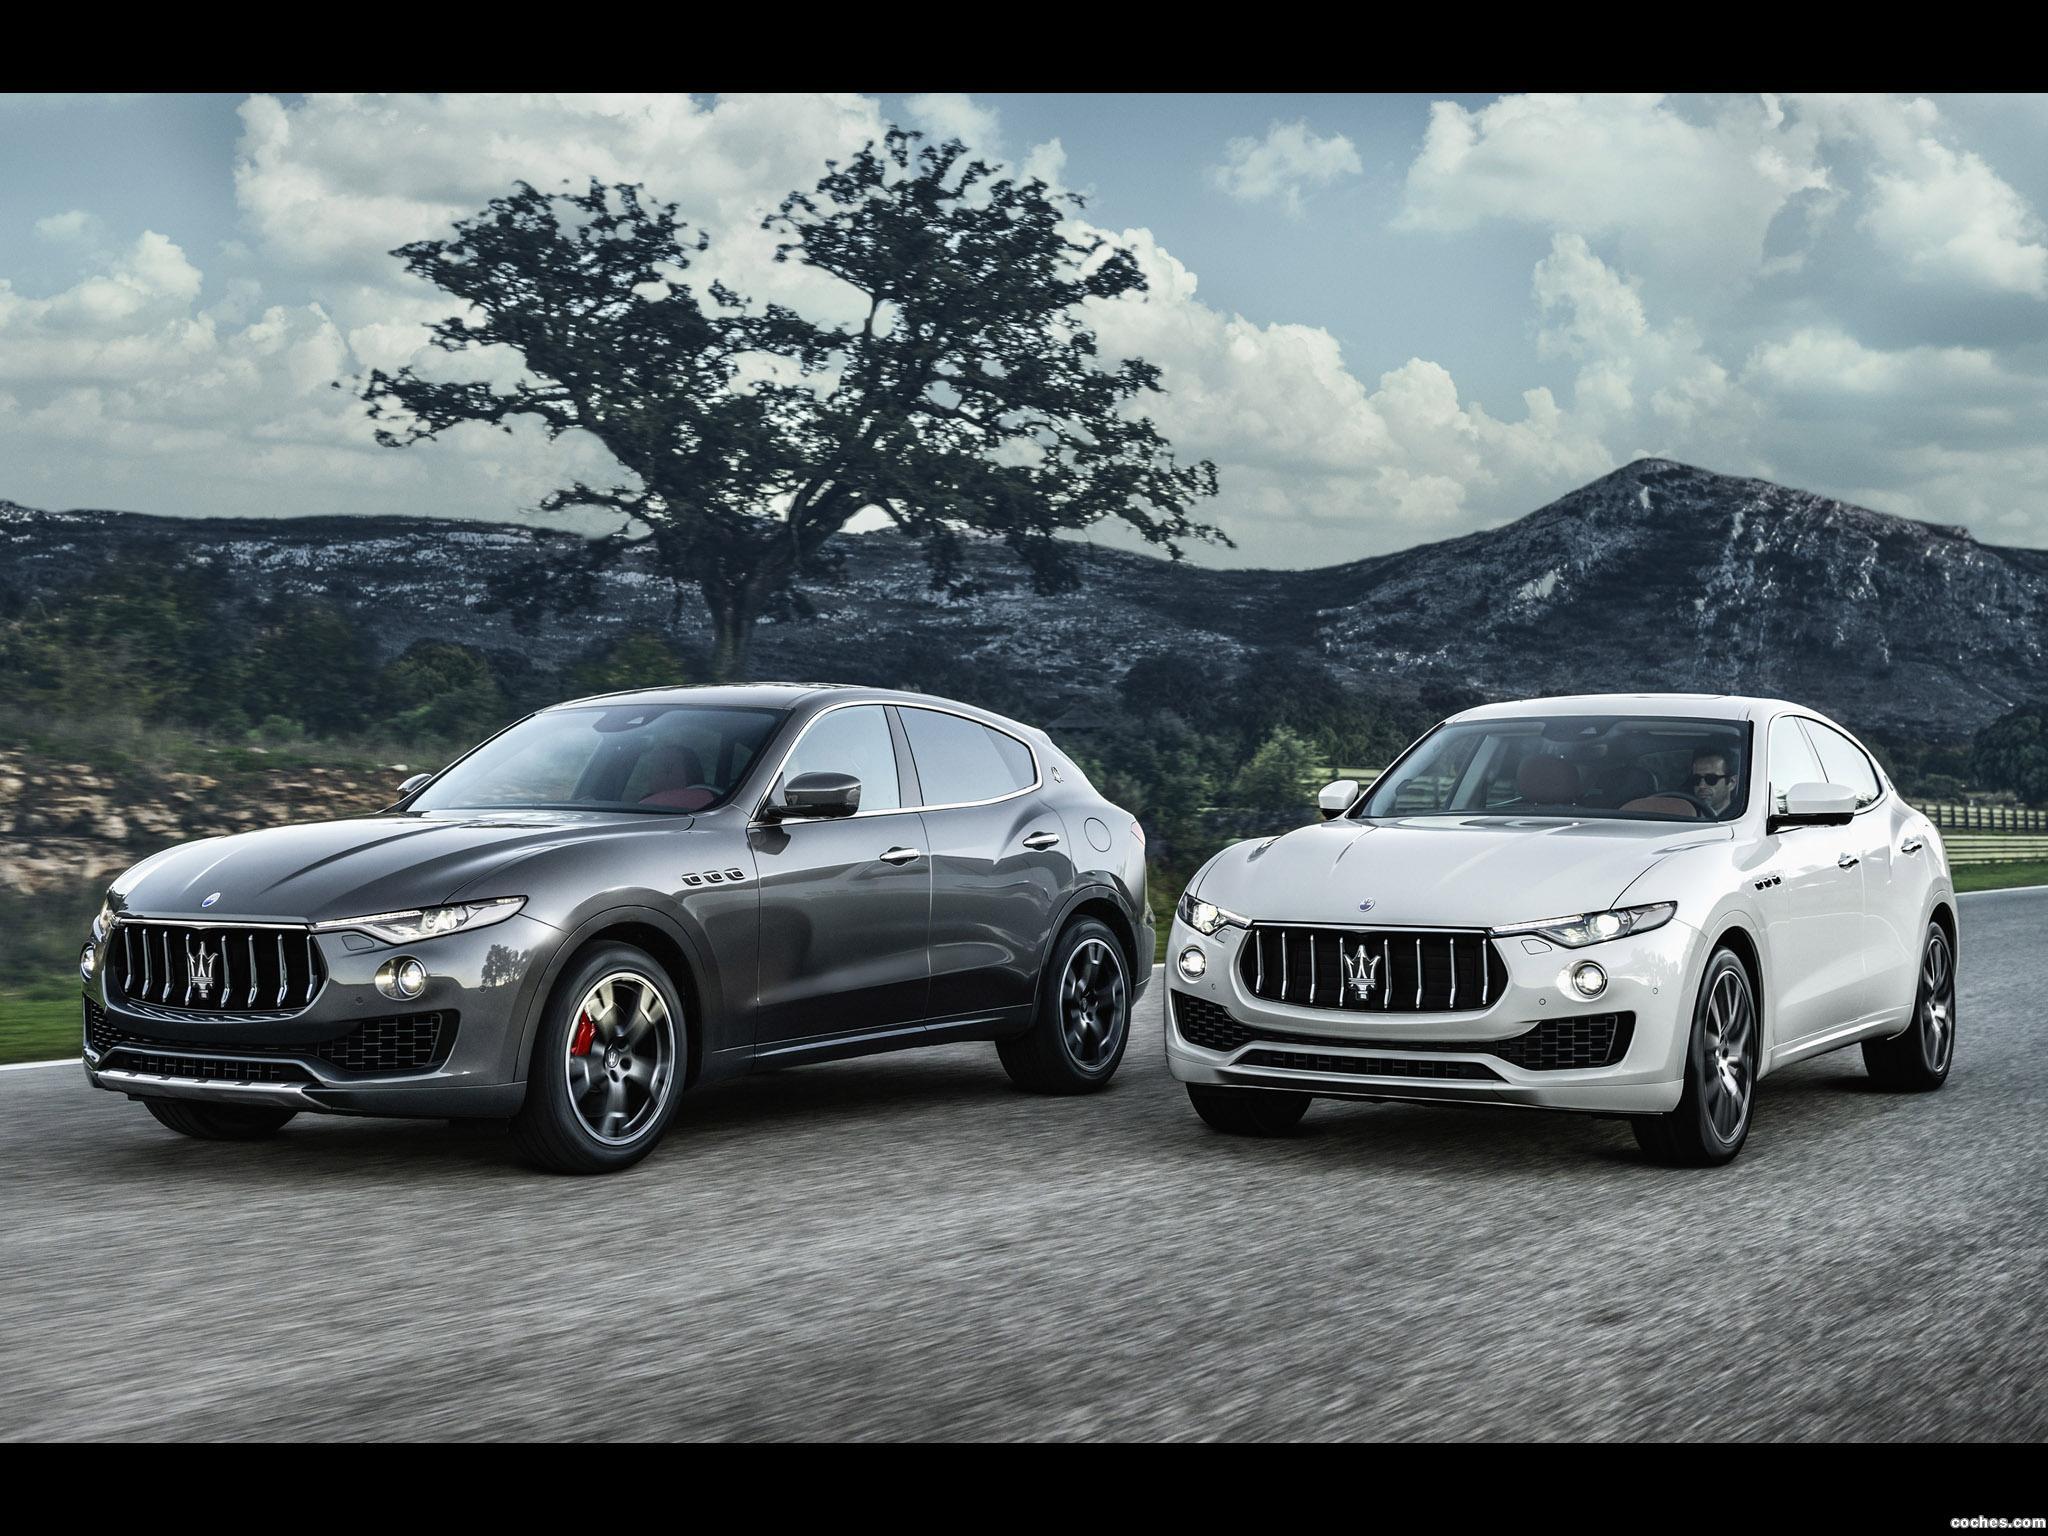 Foto 21 de Maserati Levante 2016